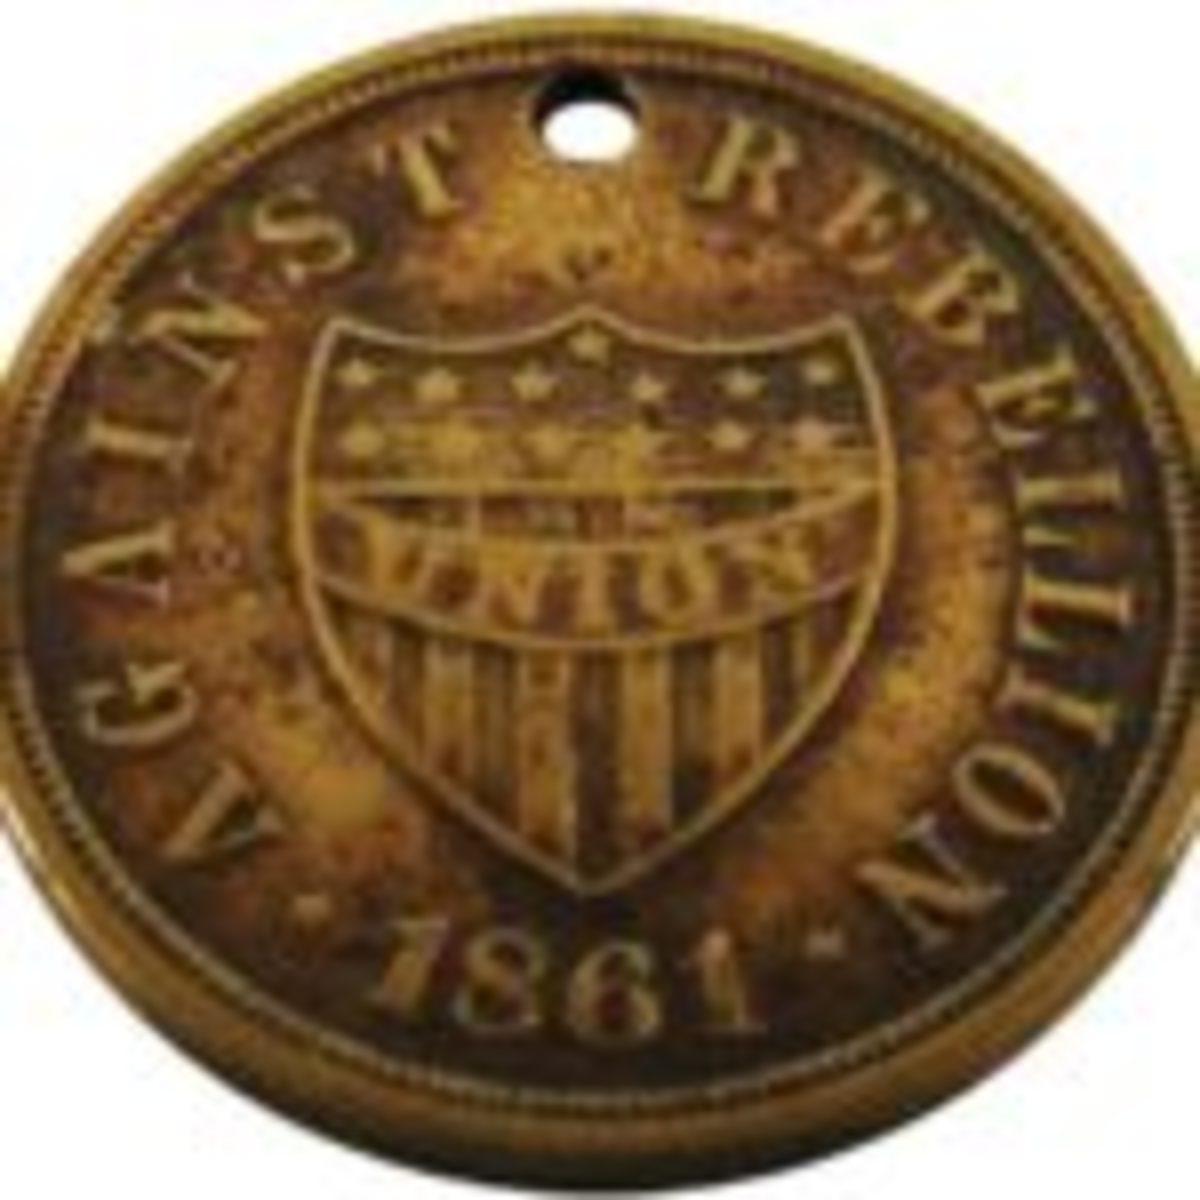 Authentic Civil War ID tag